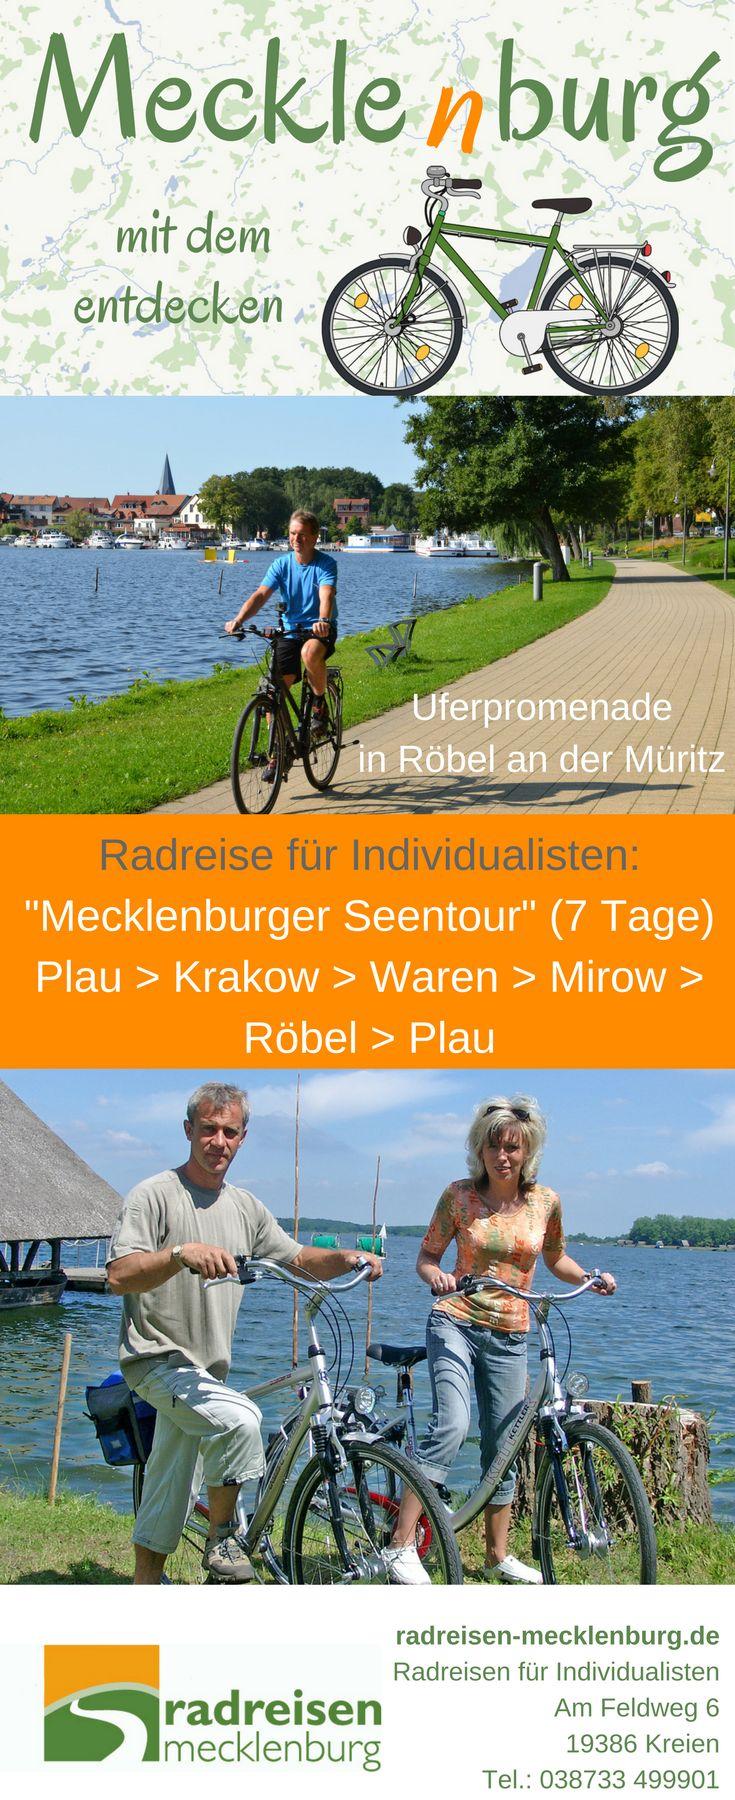 Die kleine Fischerstadt Röbel liegt direkt an Mecklenburgs kleinem Meer und ist ein Etappenort dieser Radreise. https://radreisen-mecklenburg.de/radrundreisen/mecklenburger-seentour/